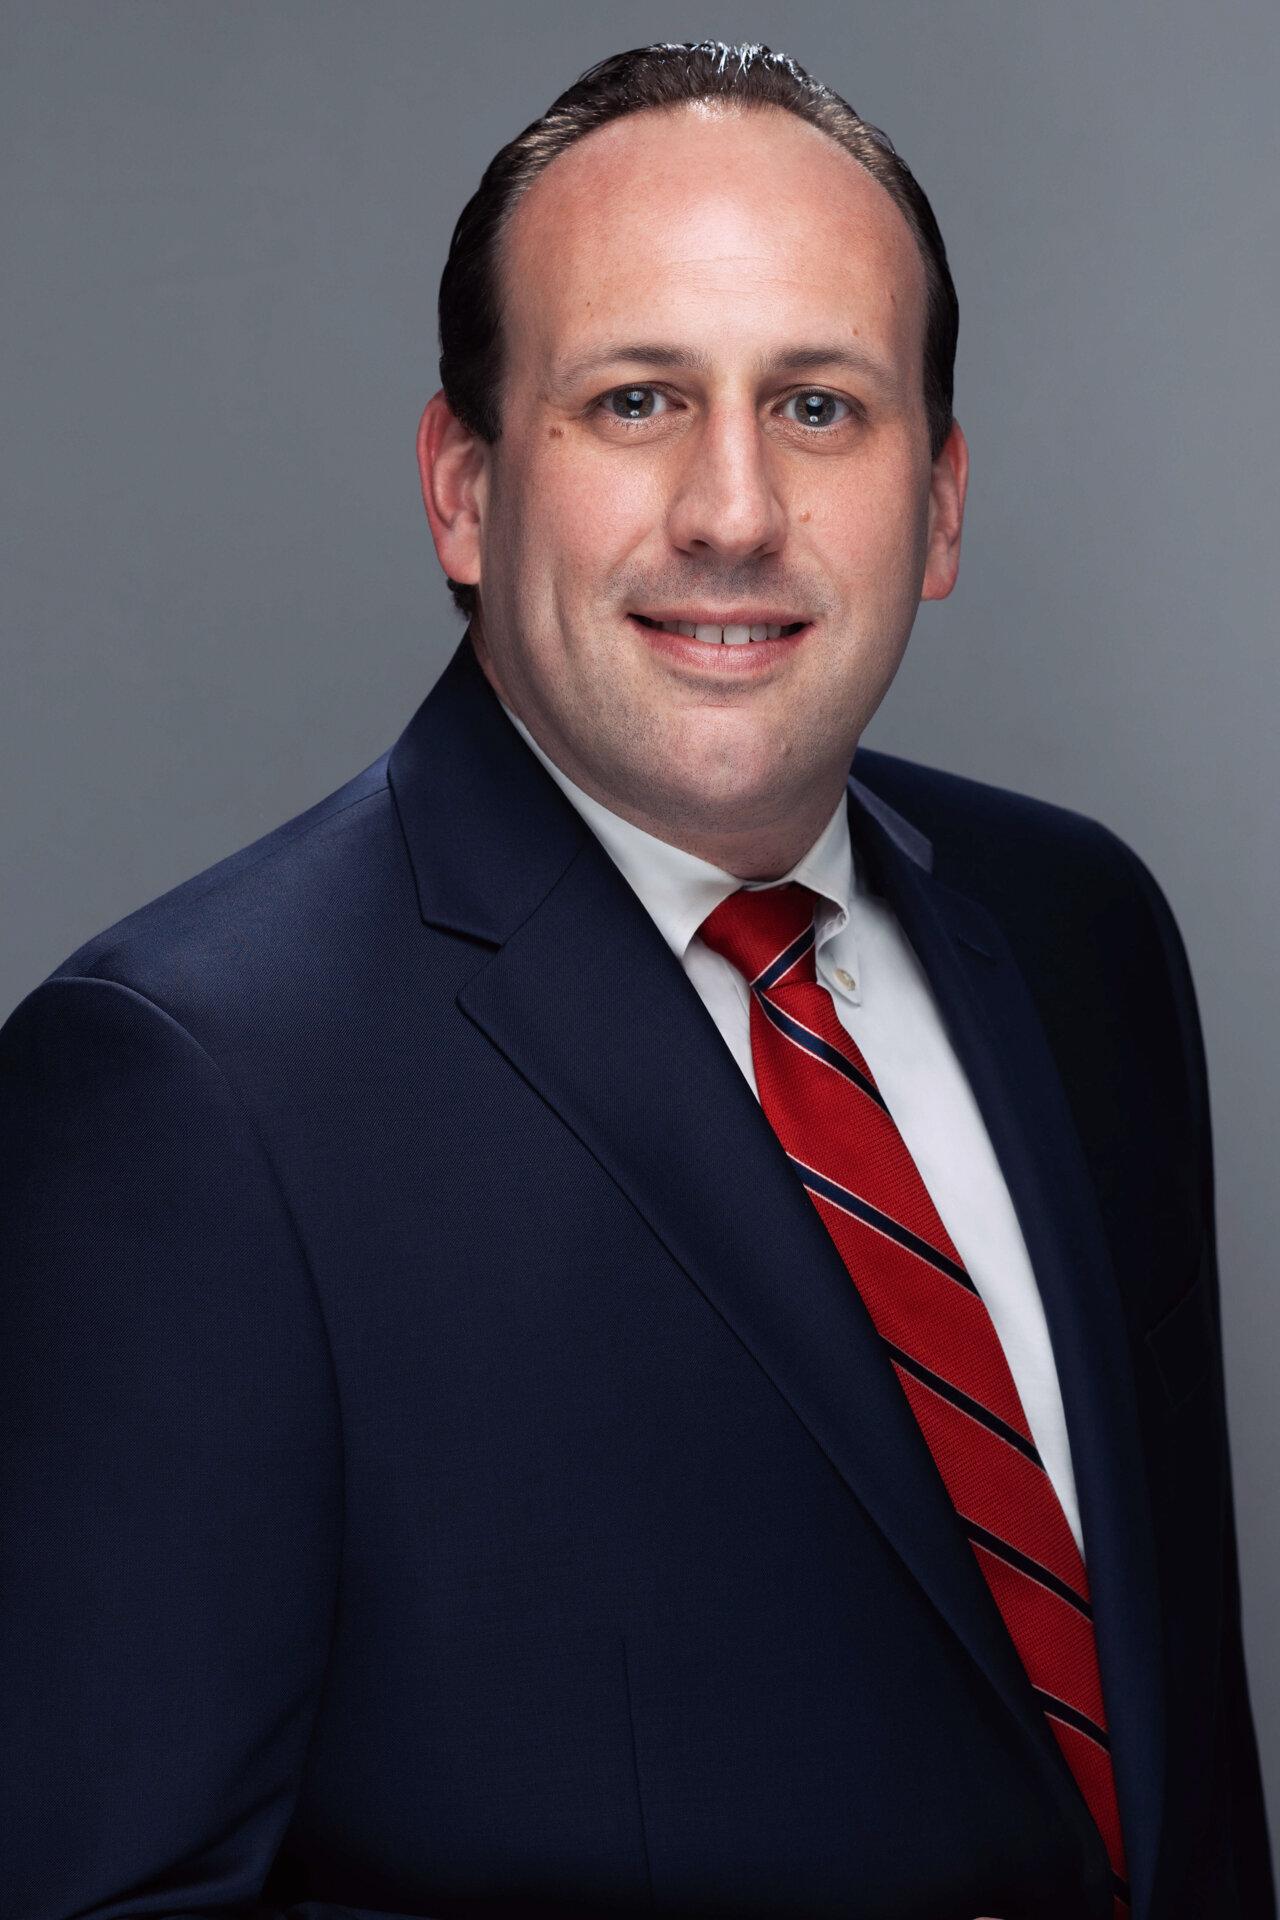 Jonathan D. Moran